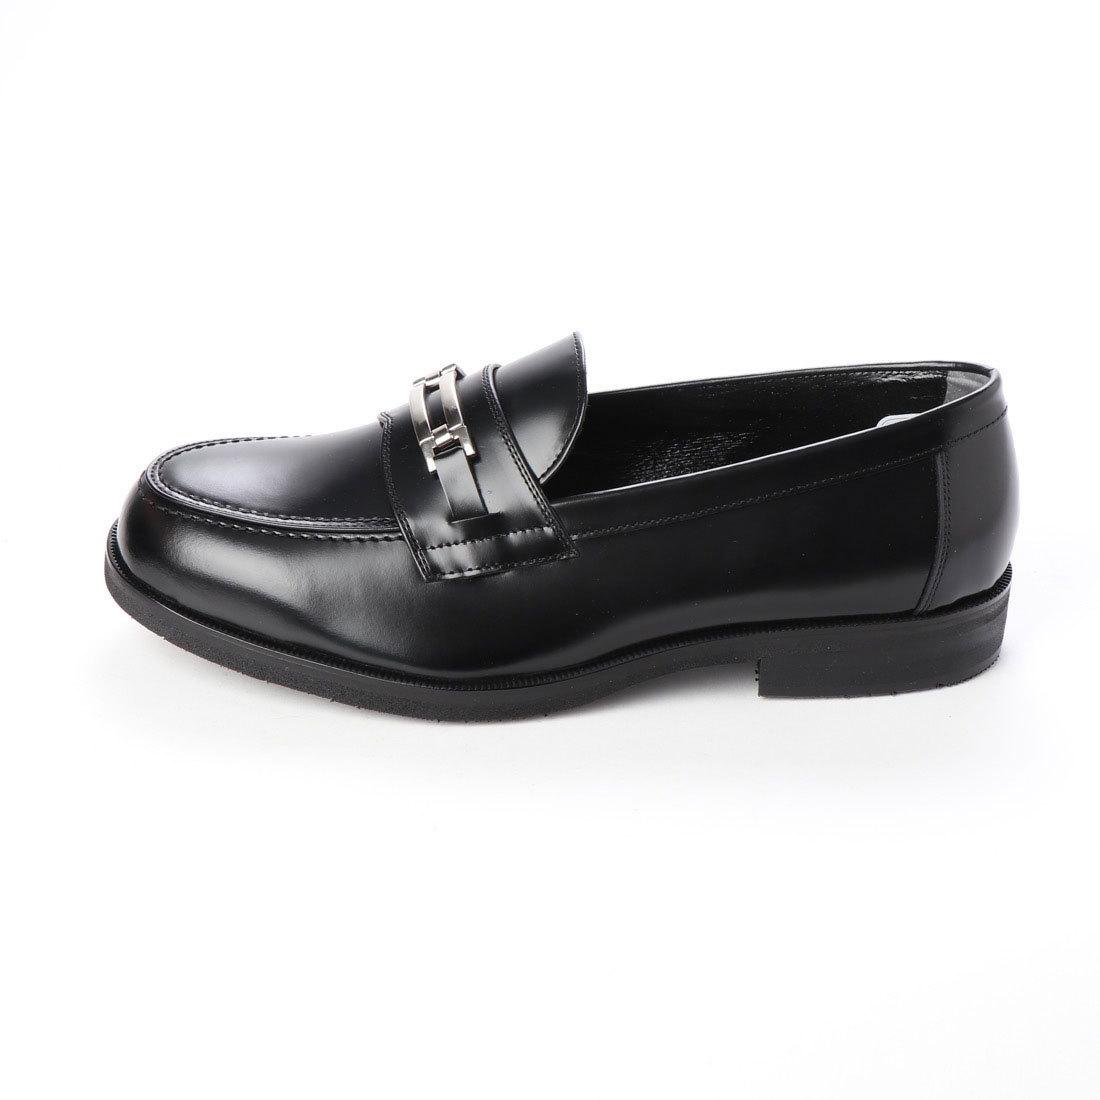 【大きいサイズ】【メンズ 】【超幅広】【激安】紳士靴 本革 甲高 6E G キングサイズ ビジネスシューズ ビットローファー ブラック 27.5cm